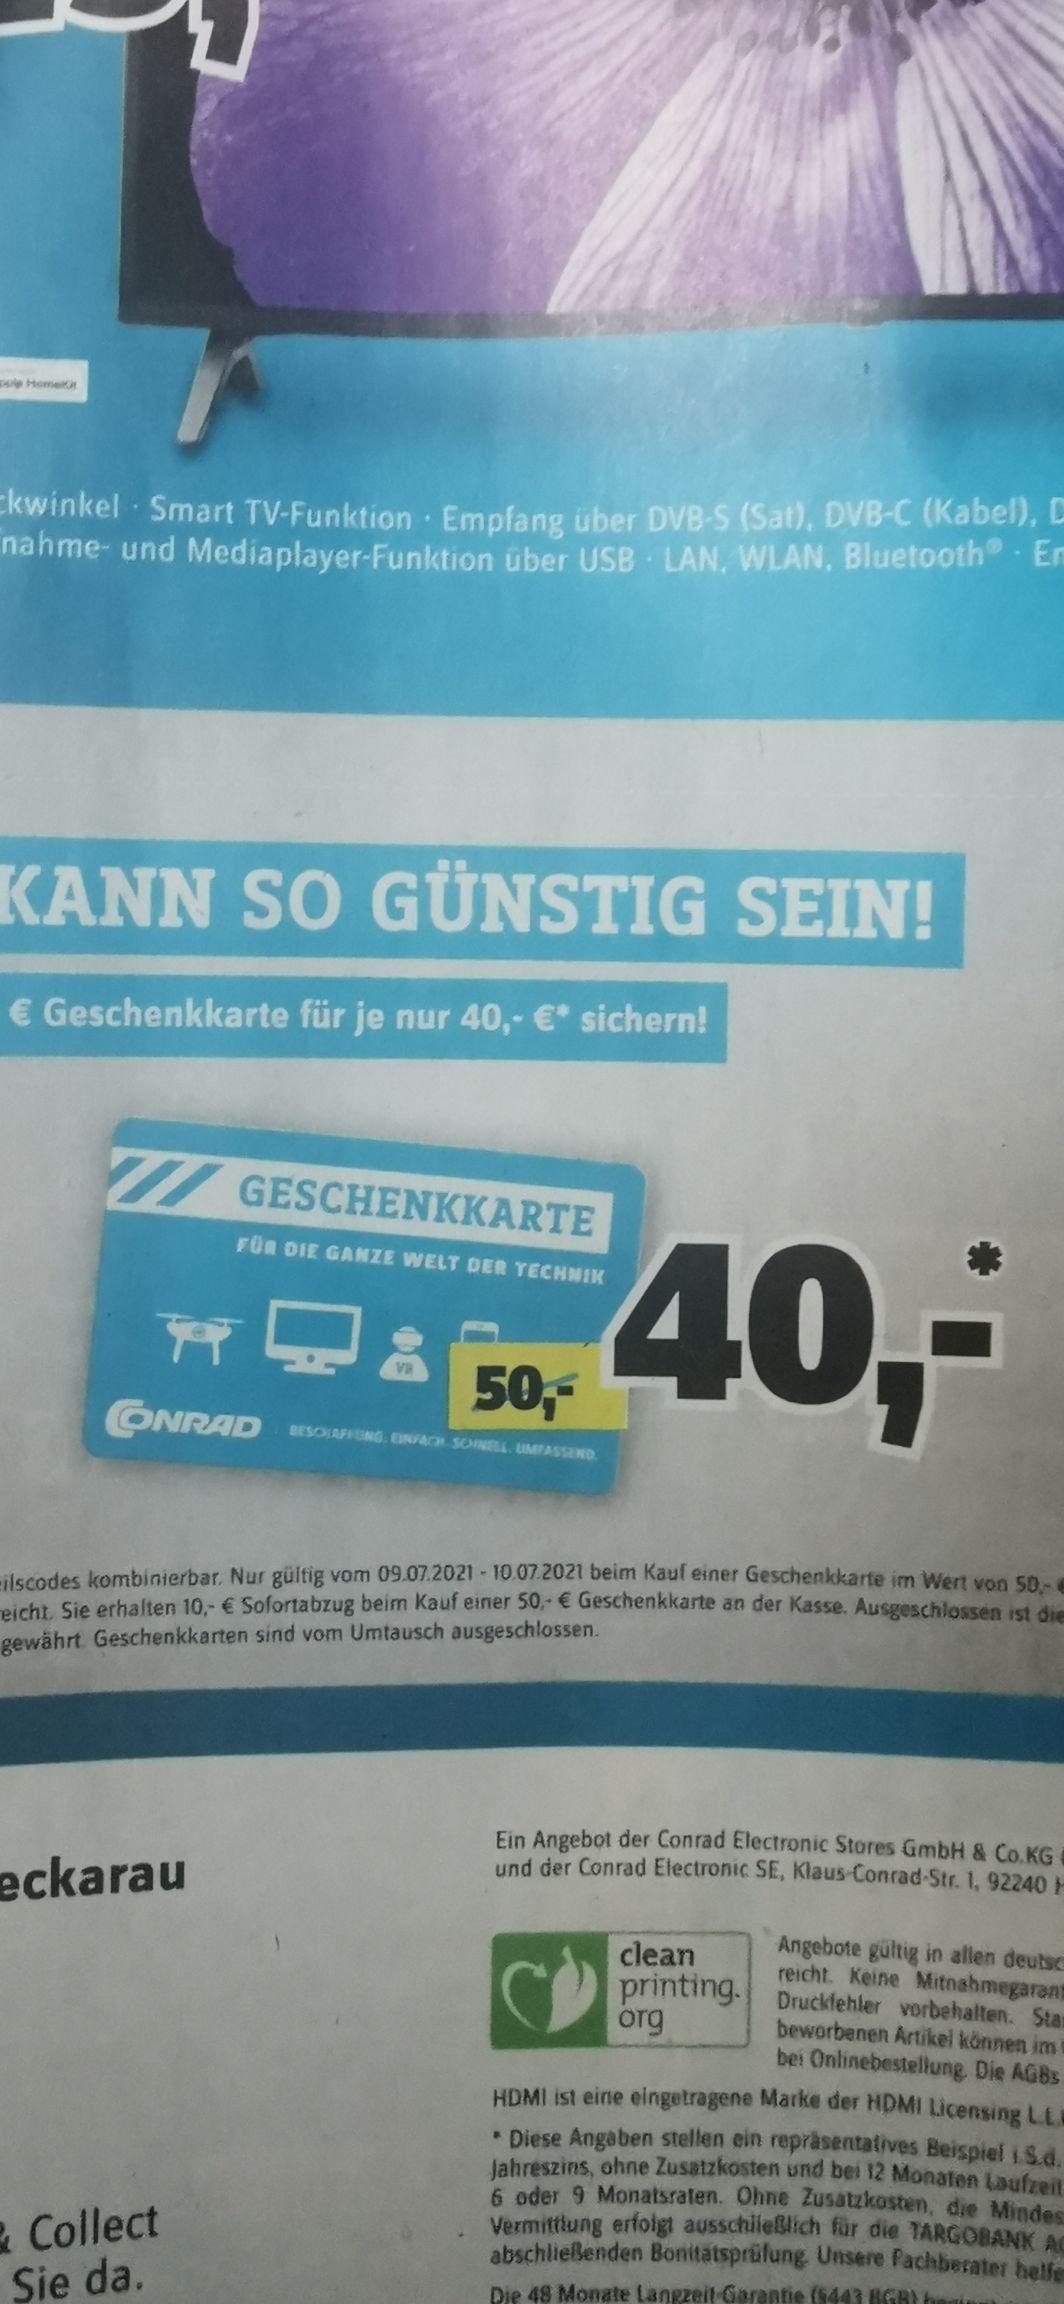 Conrad Prospekt - 50 Euro Gutschein für 40 Euro mit Coupon Vorlage